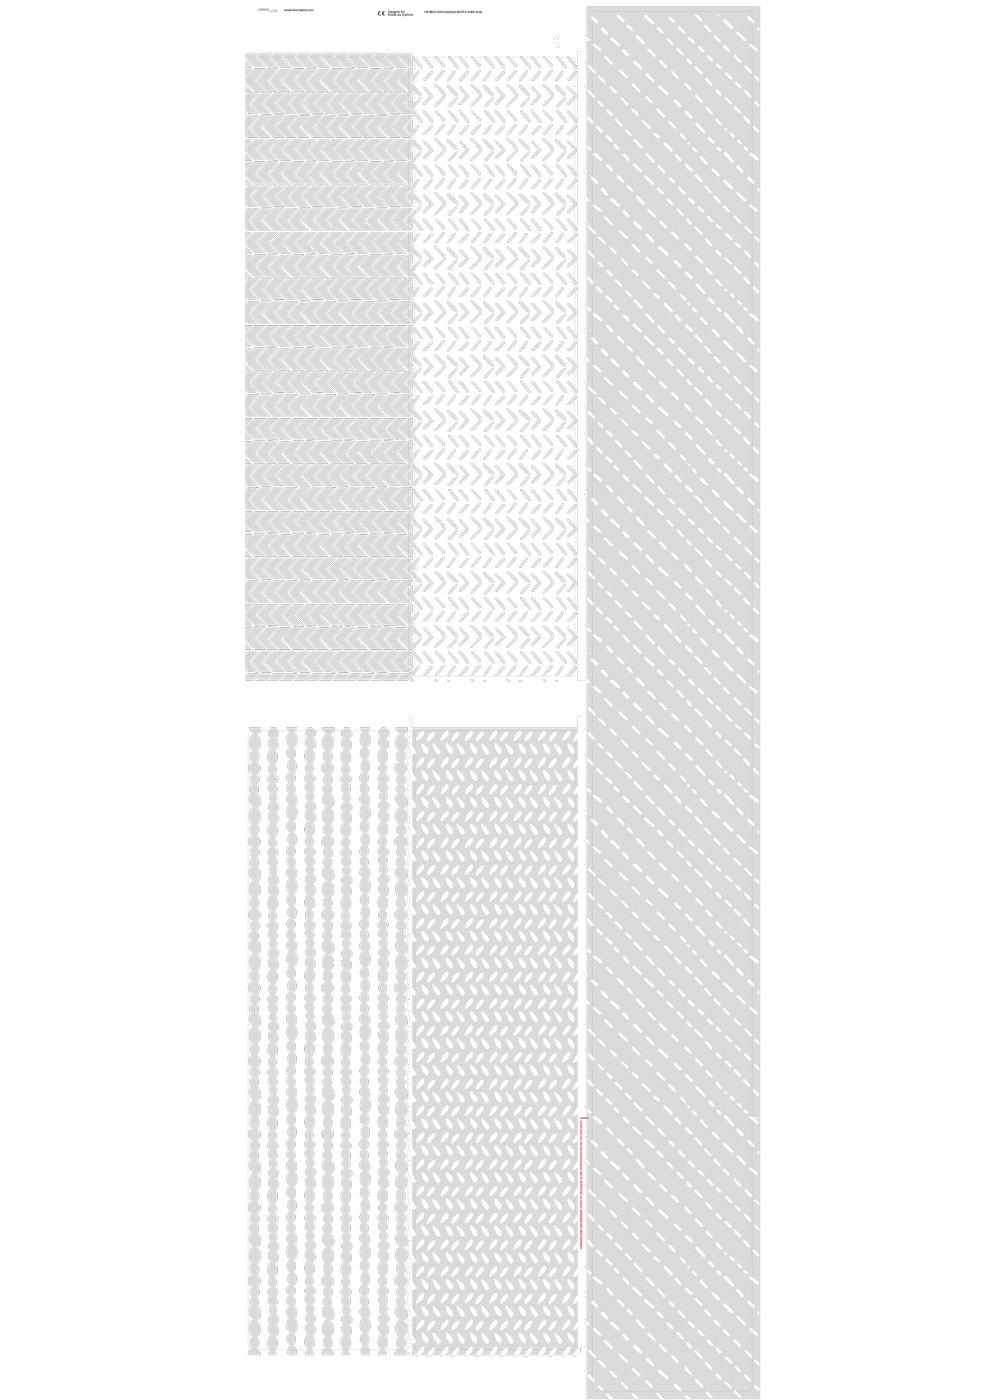 Ikea Kuras Hochbett Musta hellgrau Druckvorlage